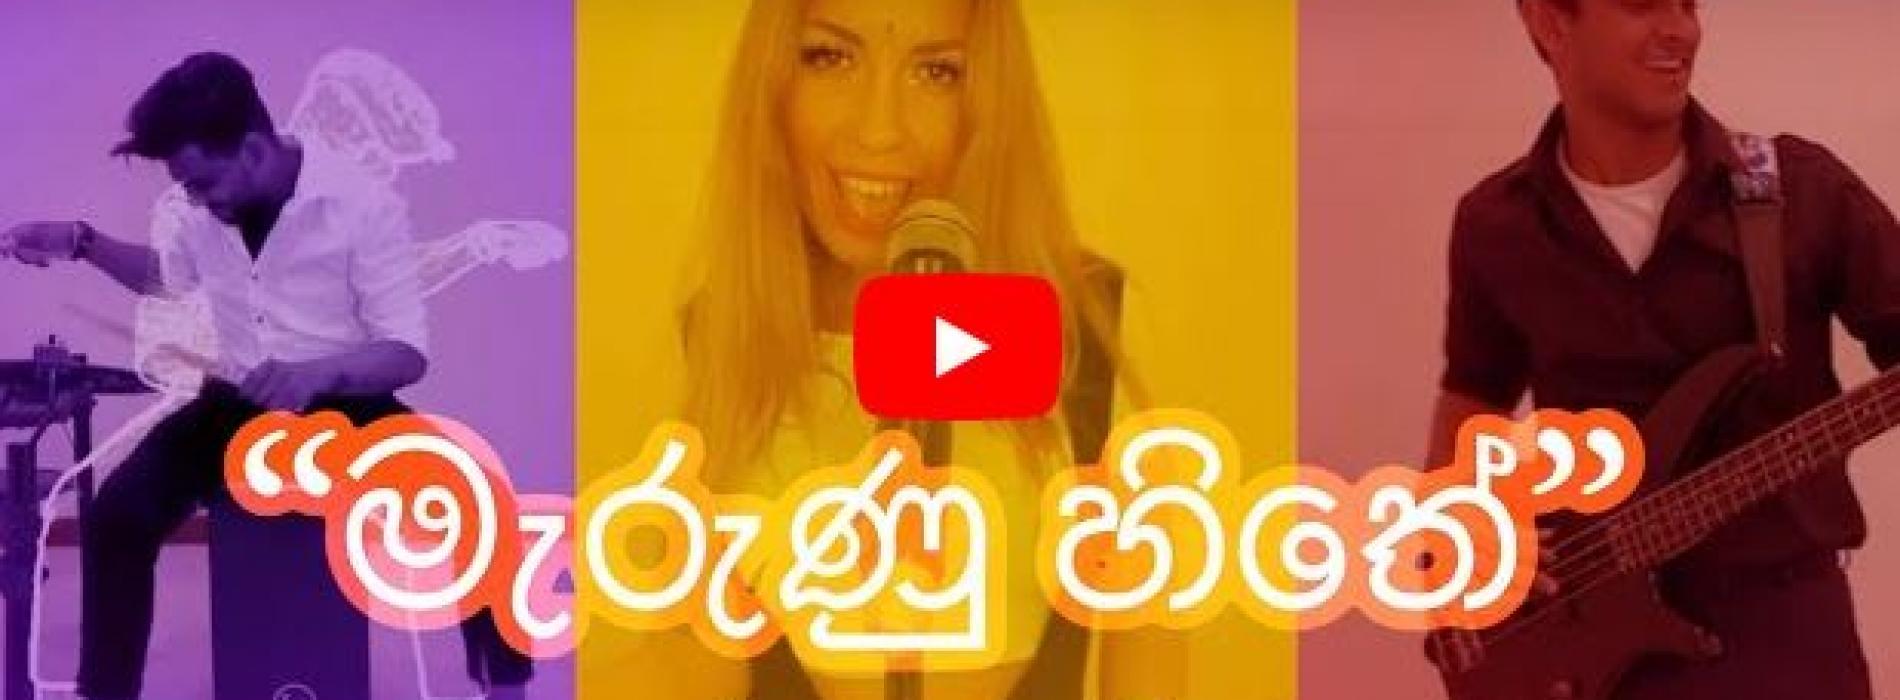 """New Music : මැරුණු හිතේ' cover by Adari Daria (Marunu Hithe By Anushka Udana """"Wasthi')"""